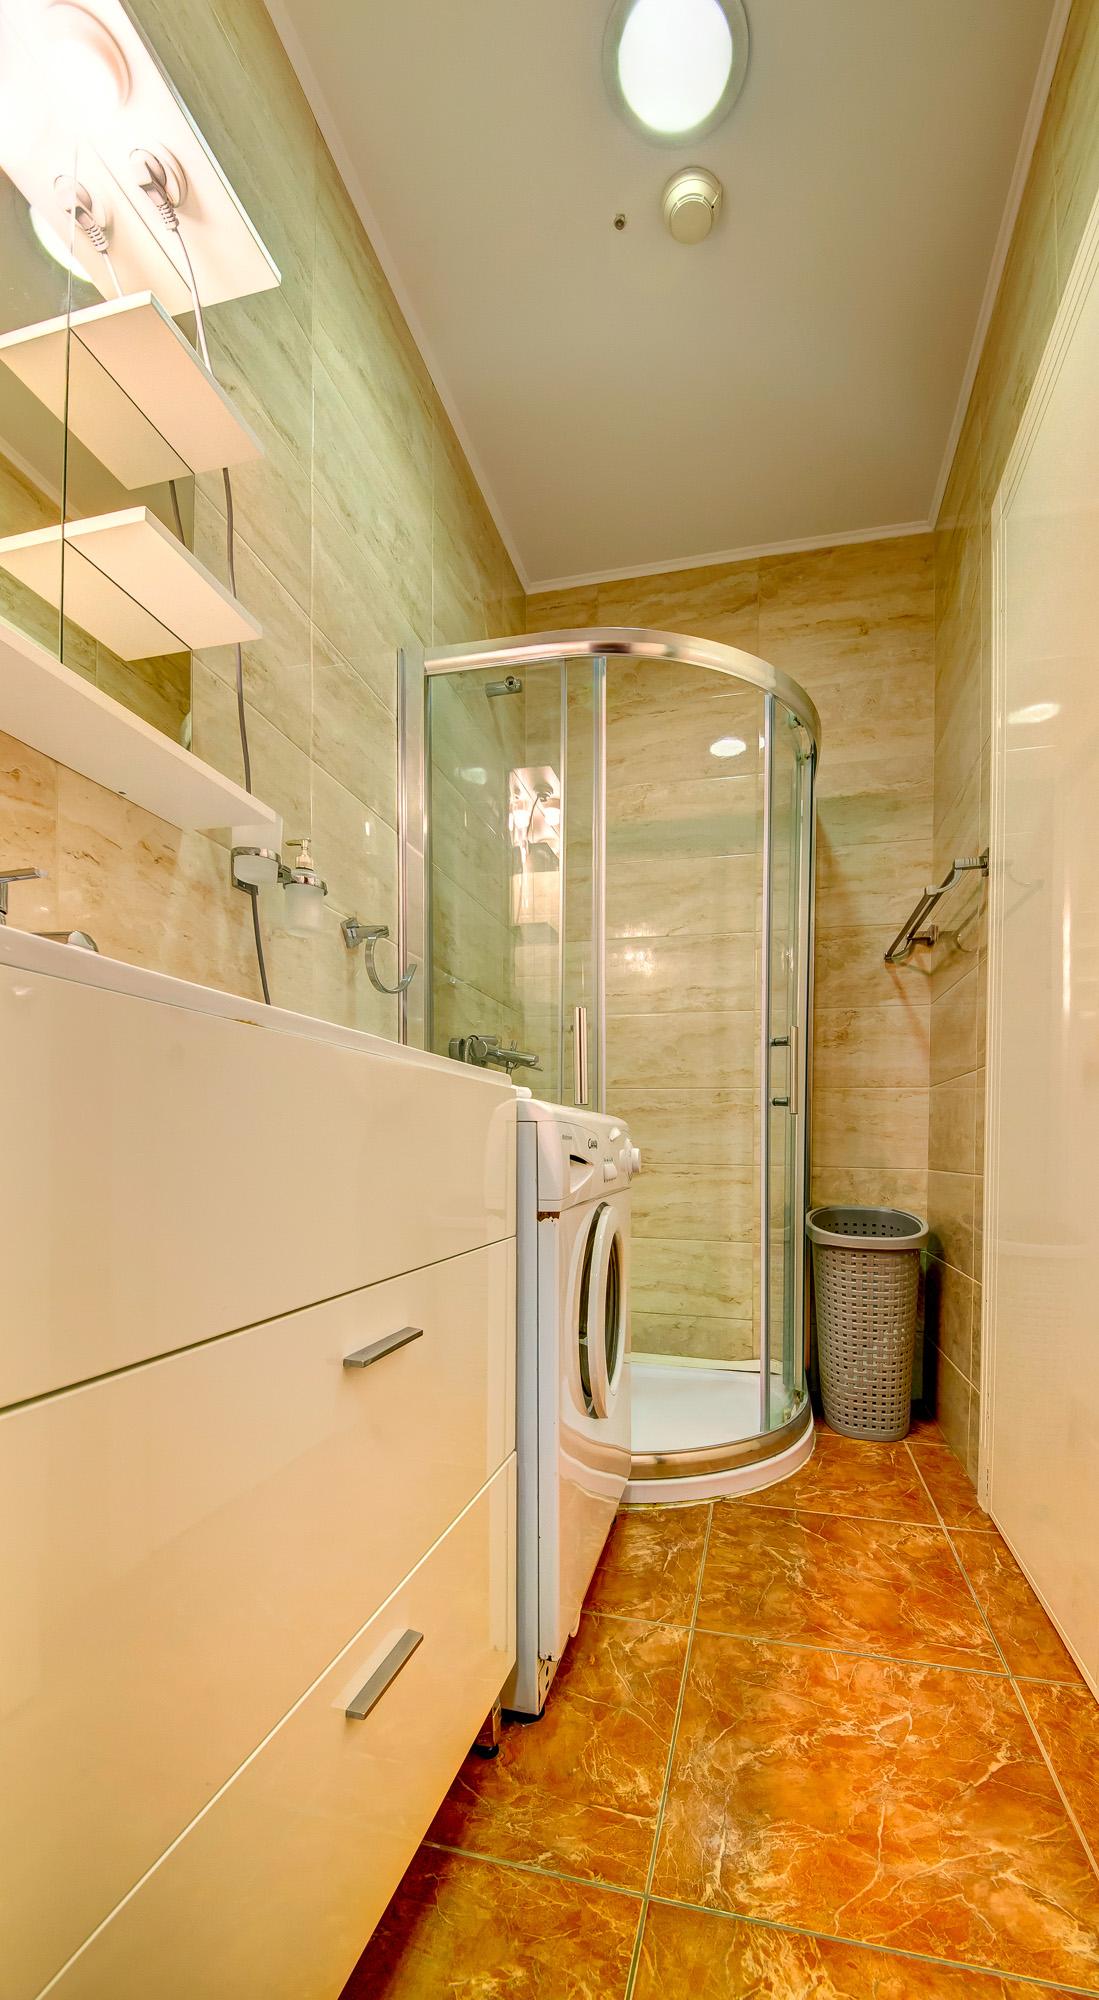 amforaproperty.com/Jedinstvena ponuda- Luksuzan jednosoban stan u hotelu Splendid, Bečići